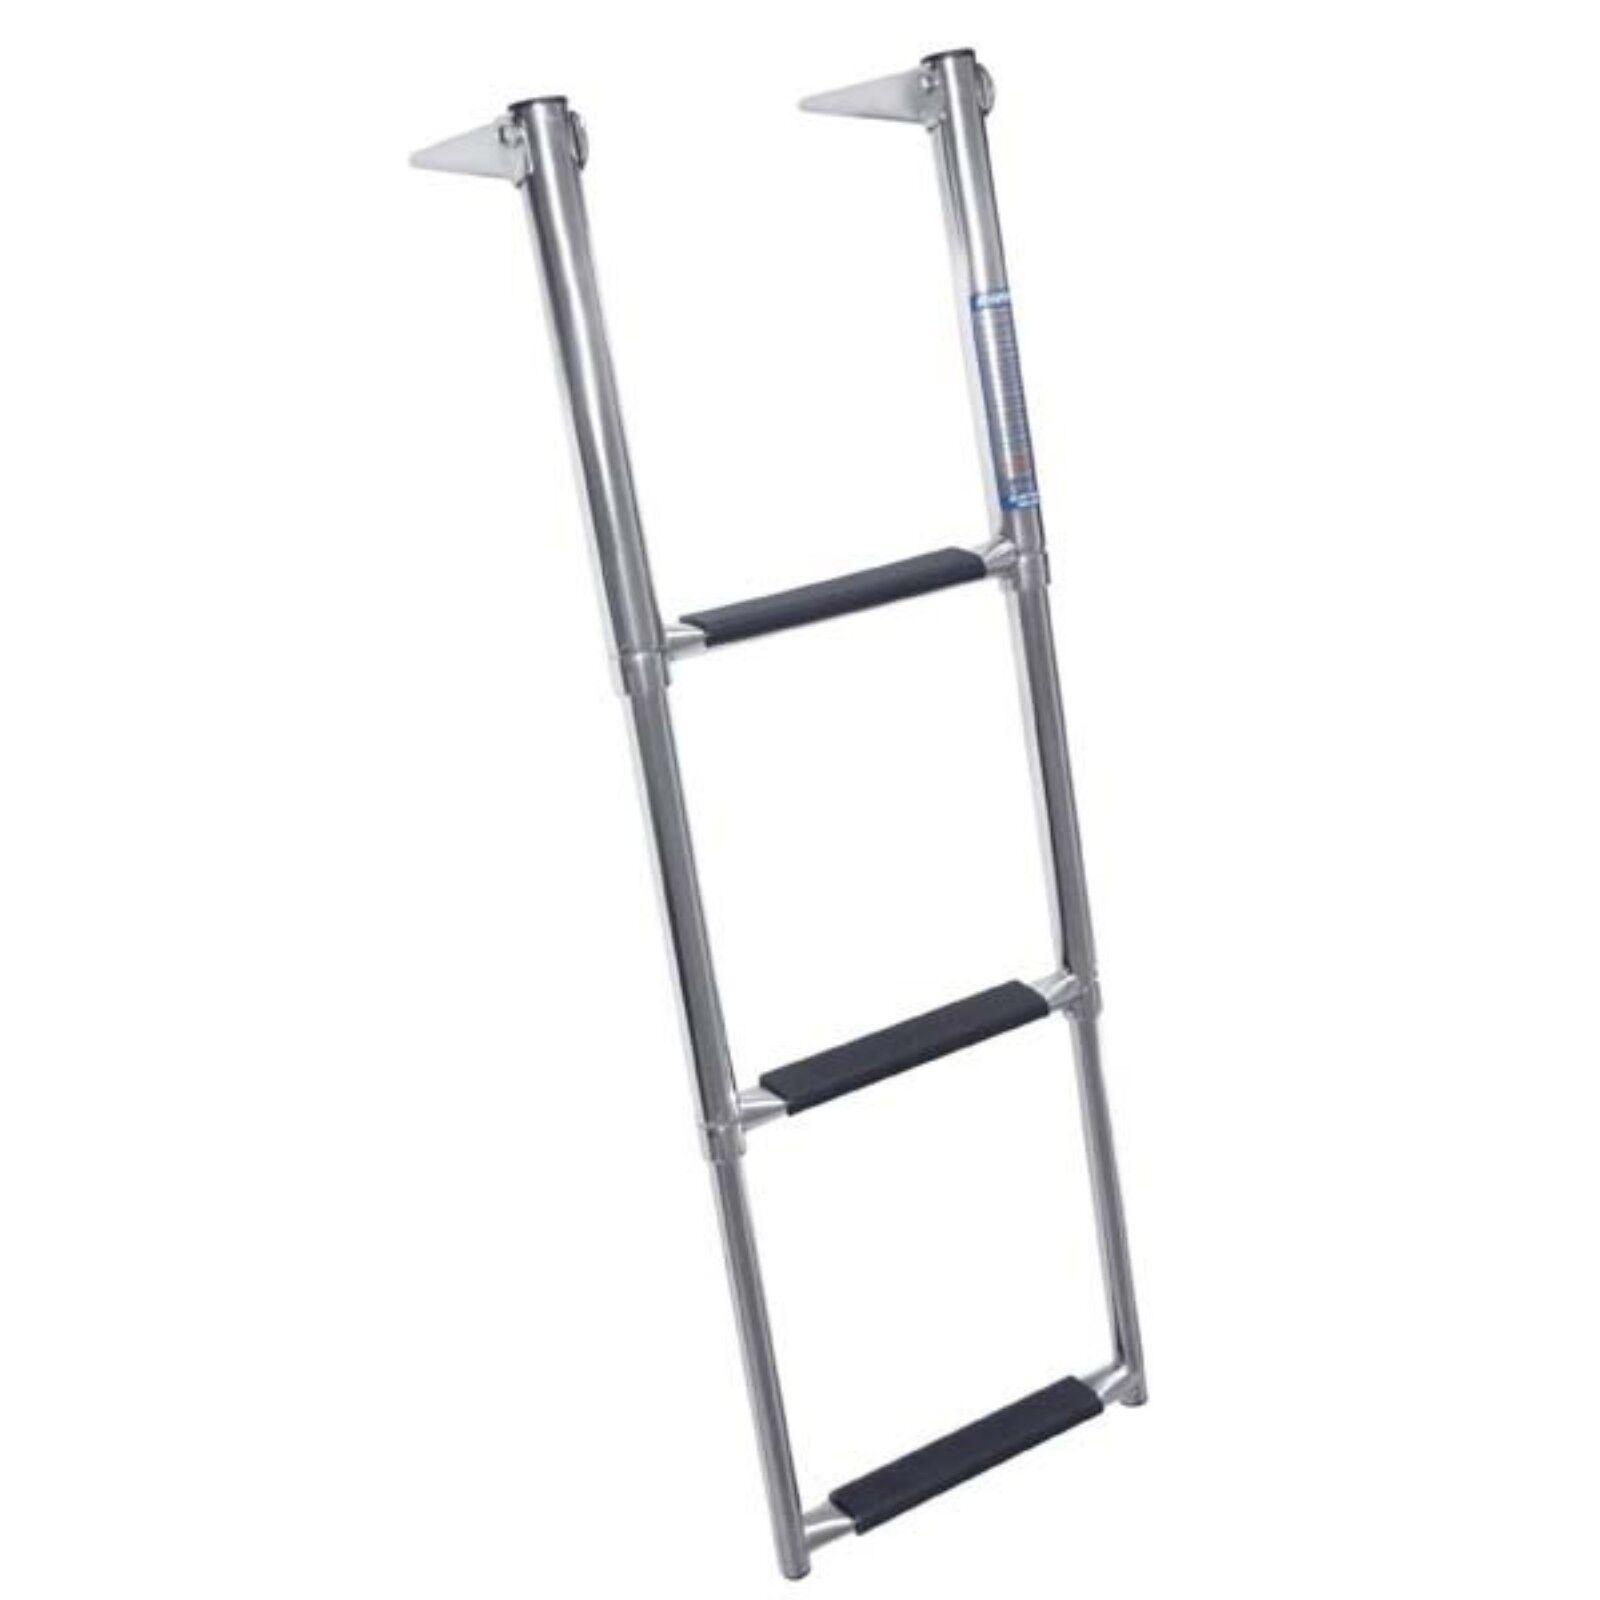 Pick Size Windline TDL Telescoping Over Platform Boat Ladder